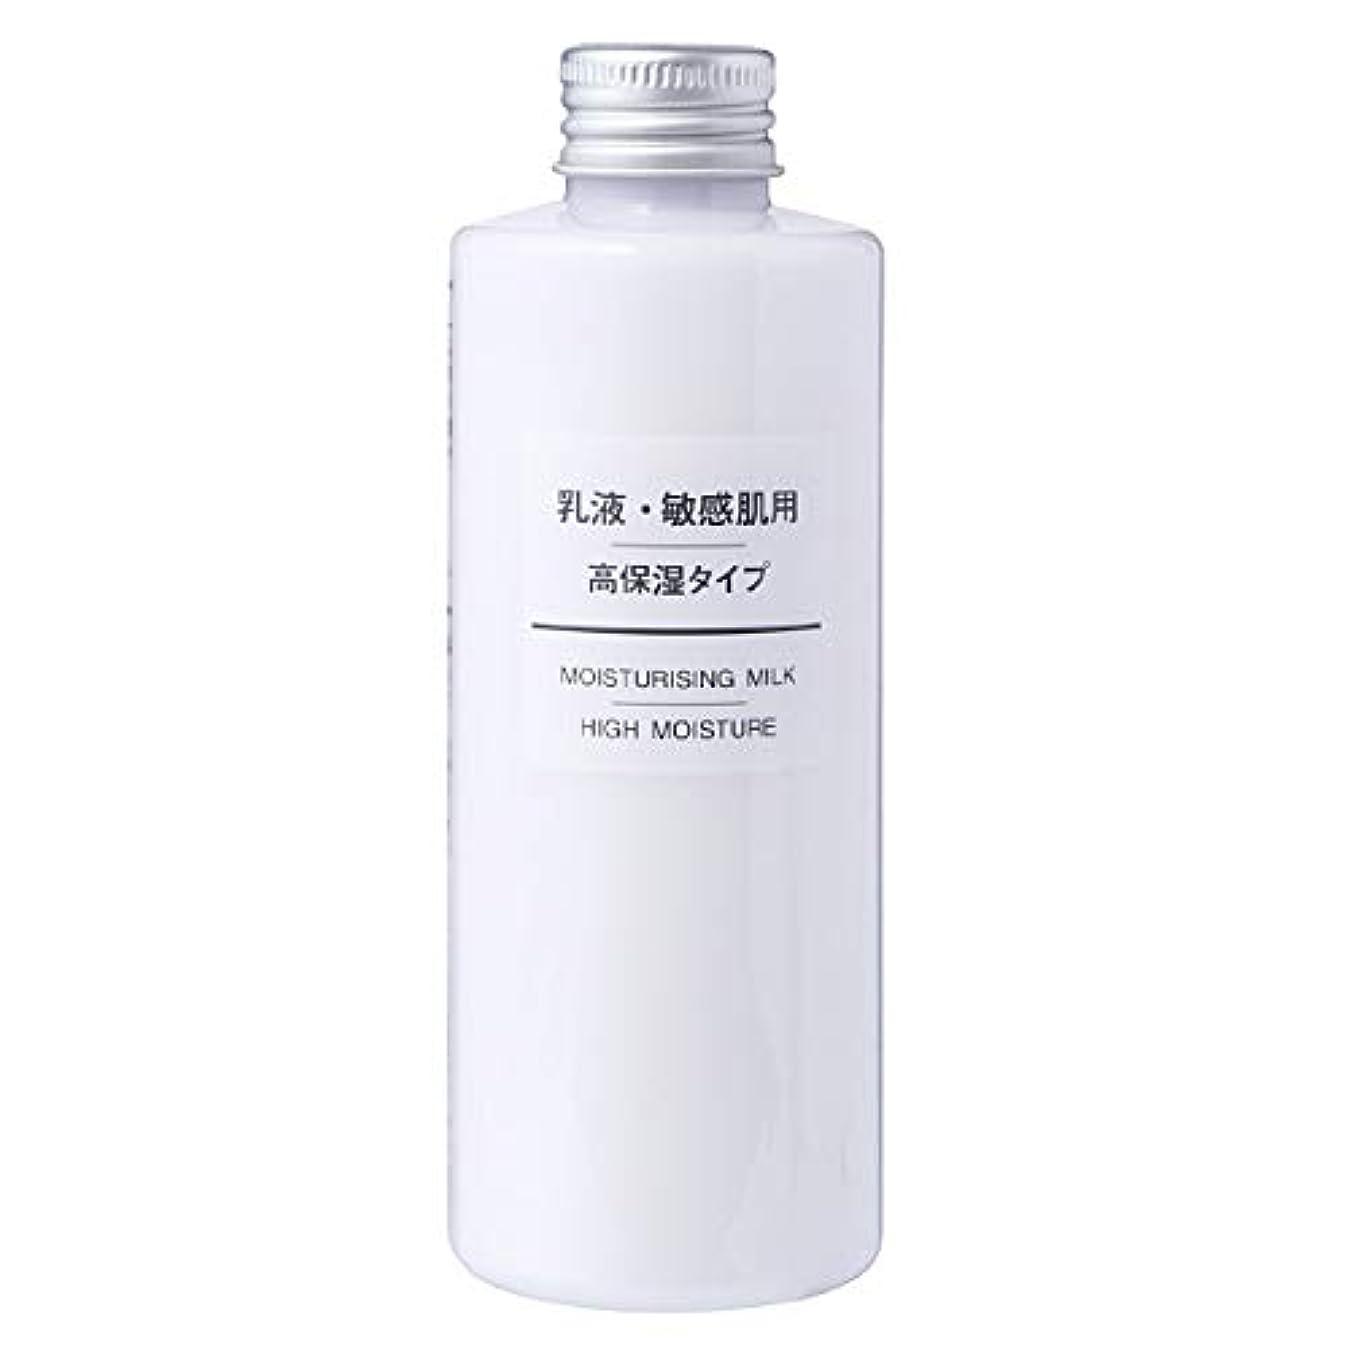 添加剤バルセロナ考古学的な無印良品 乳液?敏感肌用?高保湿タイプ 200mL